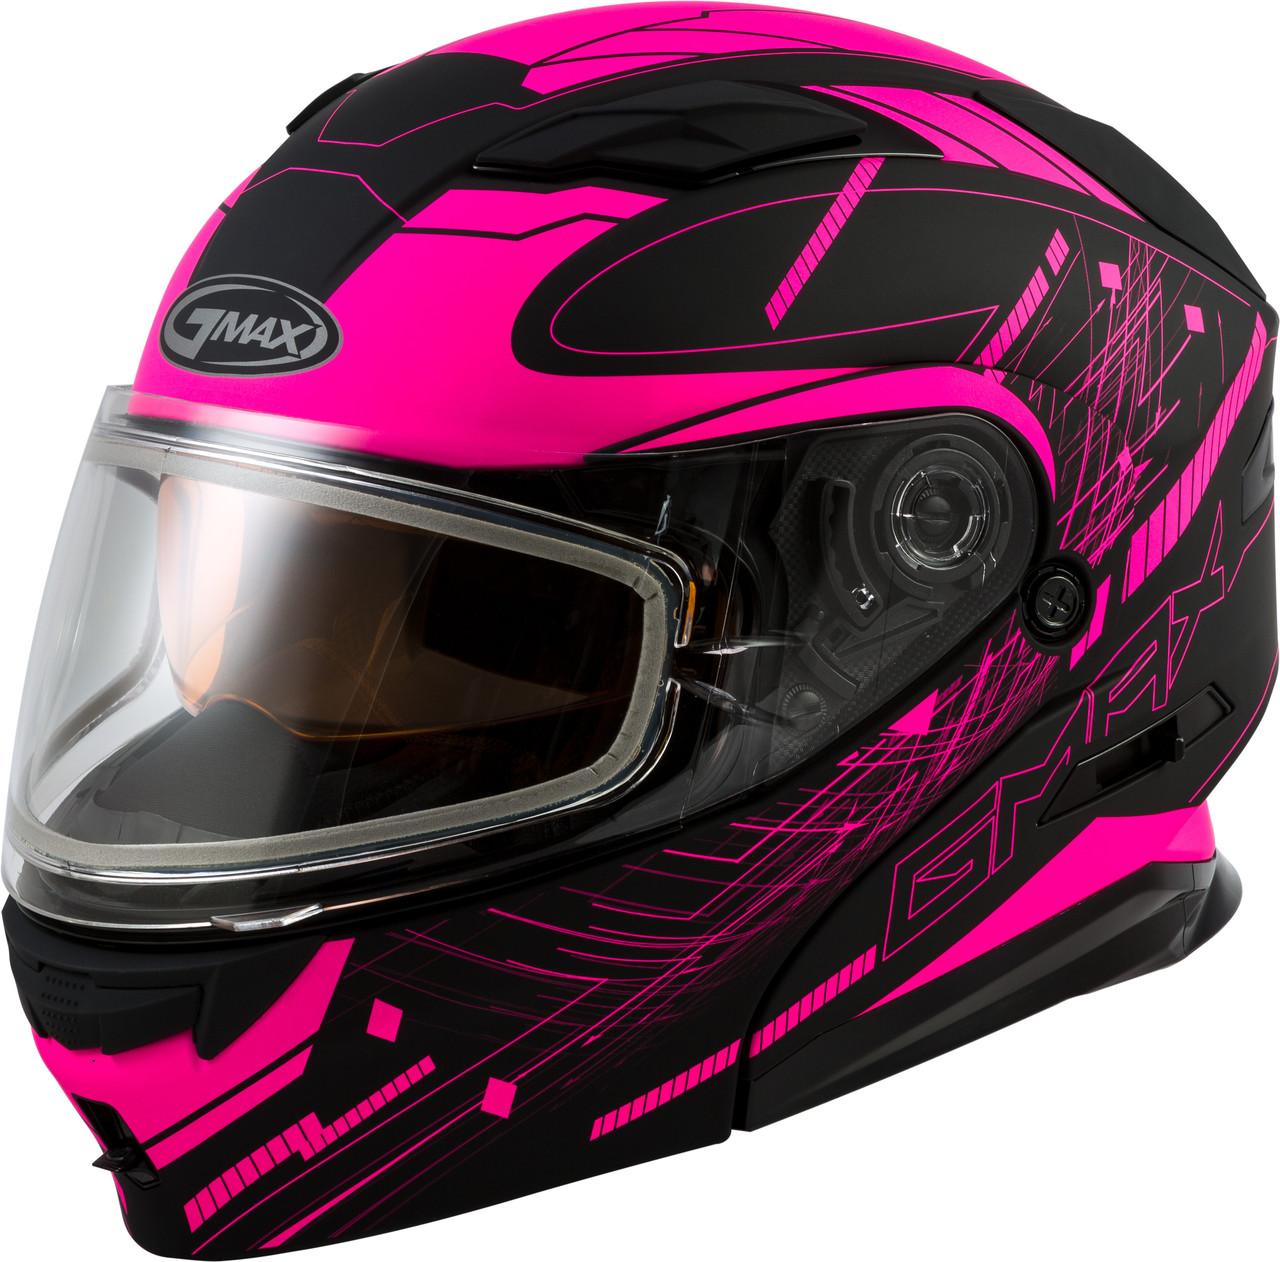 Шлем GMax Pink/Black MD01S модуляр с двойным визором